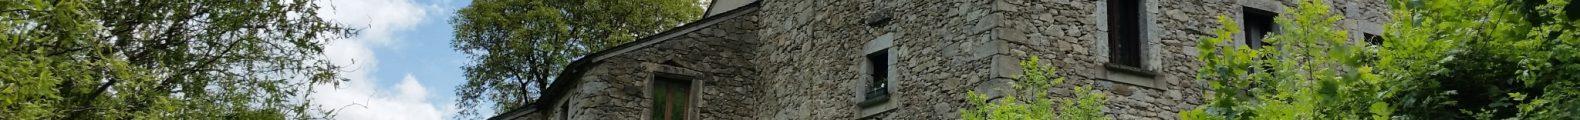 Geographische Lage Wassermühle Moulin de Record